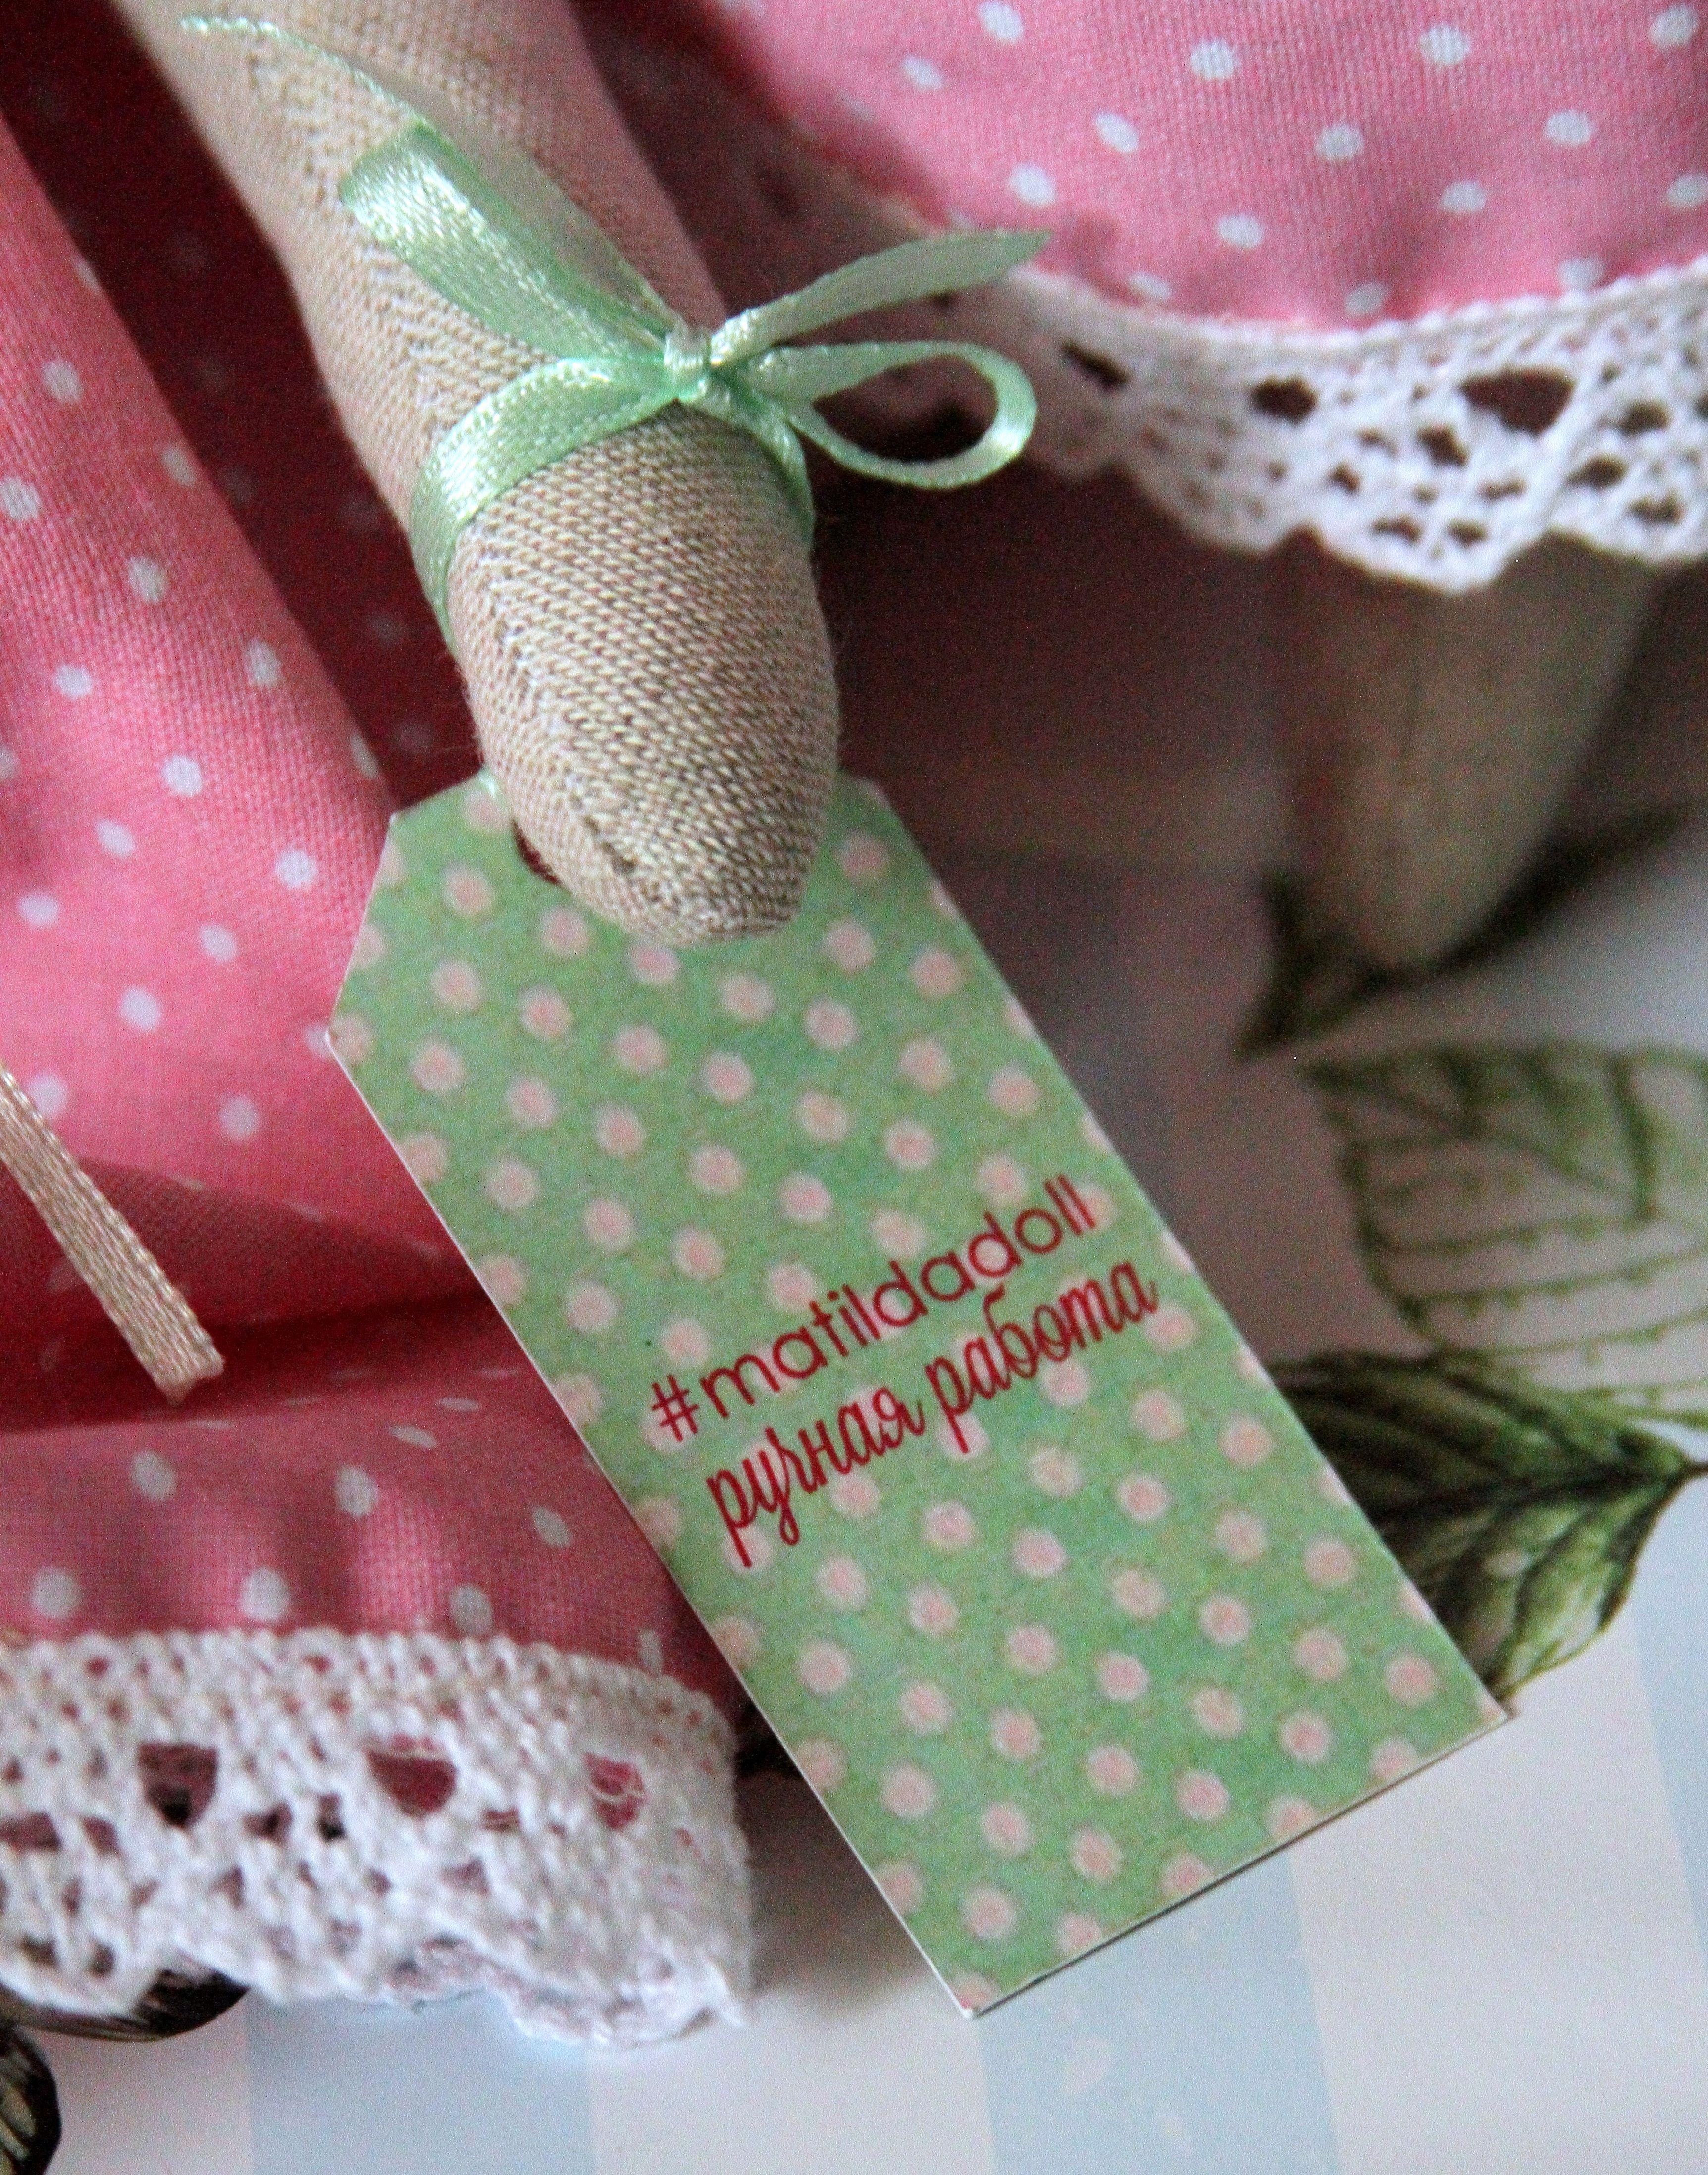 ручнаяработа игрушка игрушкаизткани тильдазаяц тильдазайка текстильныеигрушки тильдаигрушка тильдазайчик игрушкиназаказ игрушкиручнойработы тильда заяц handmade зайчик зайка